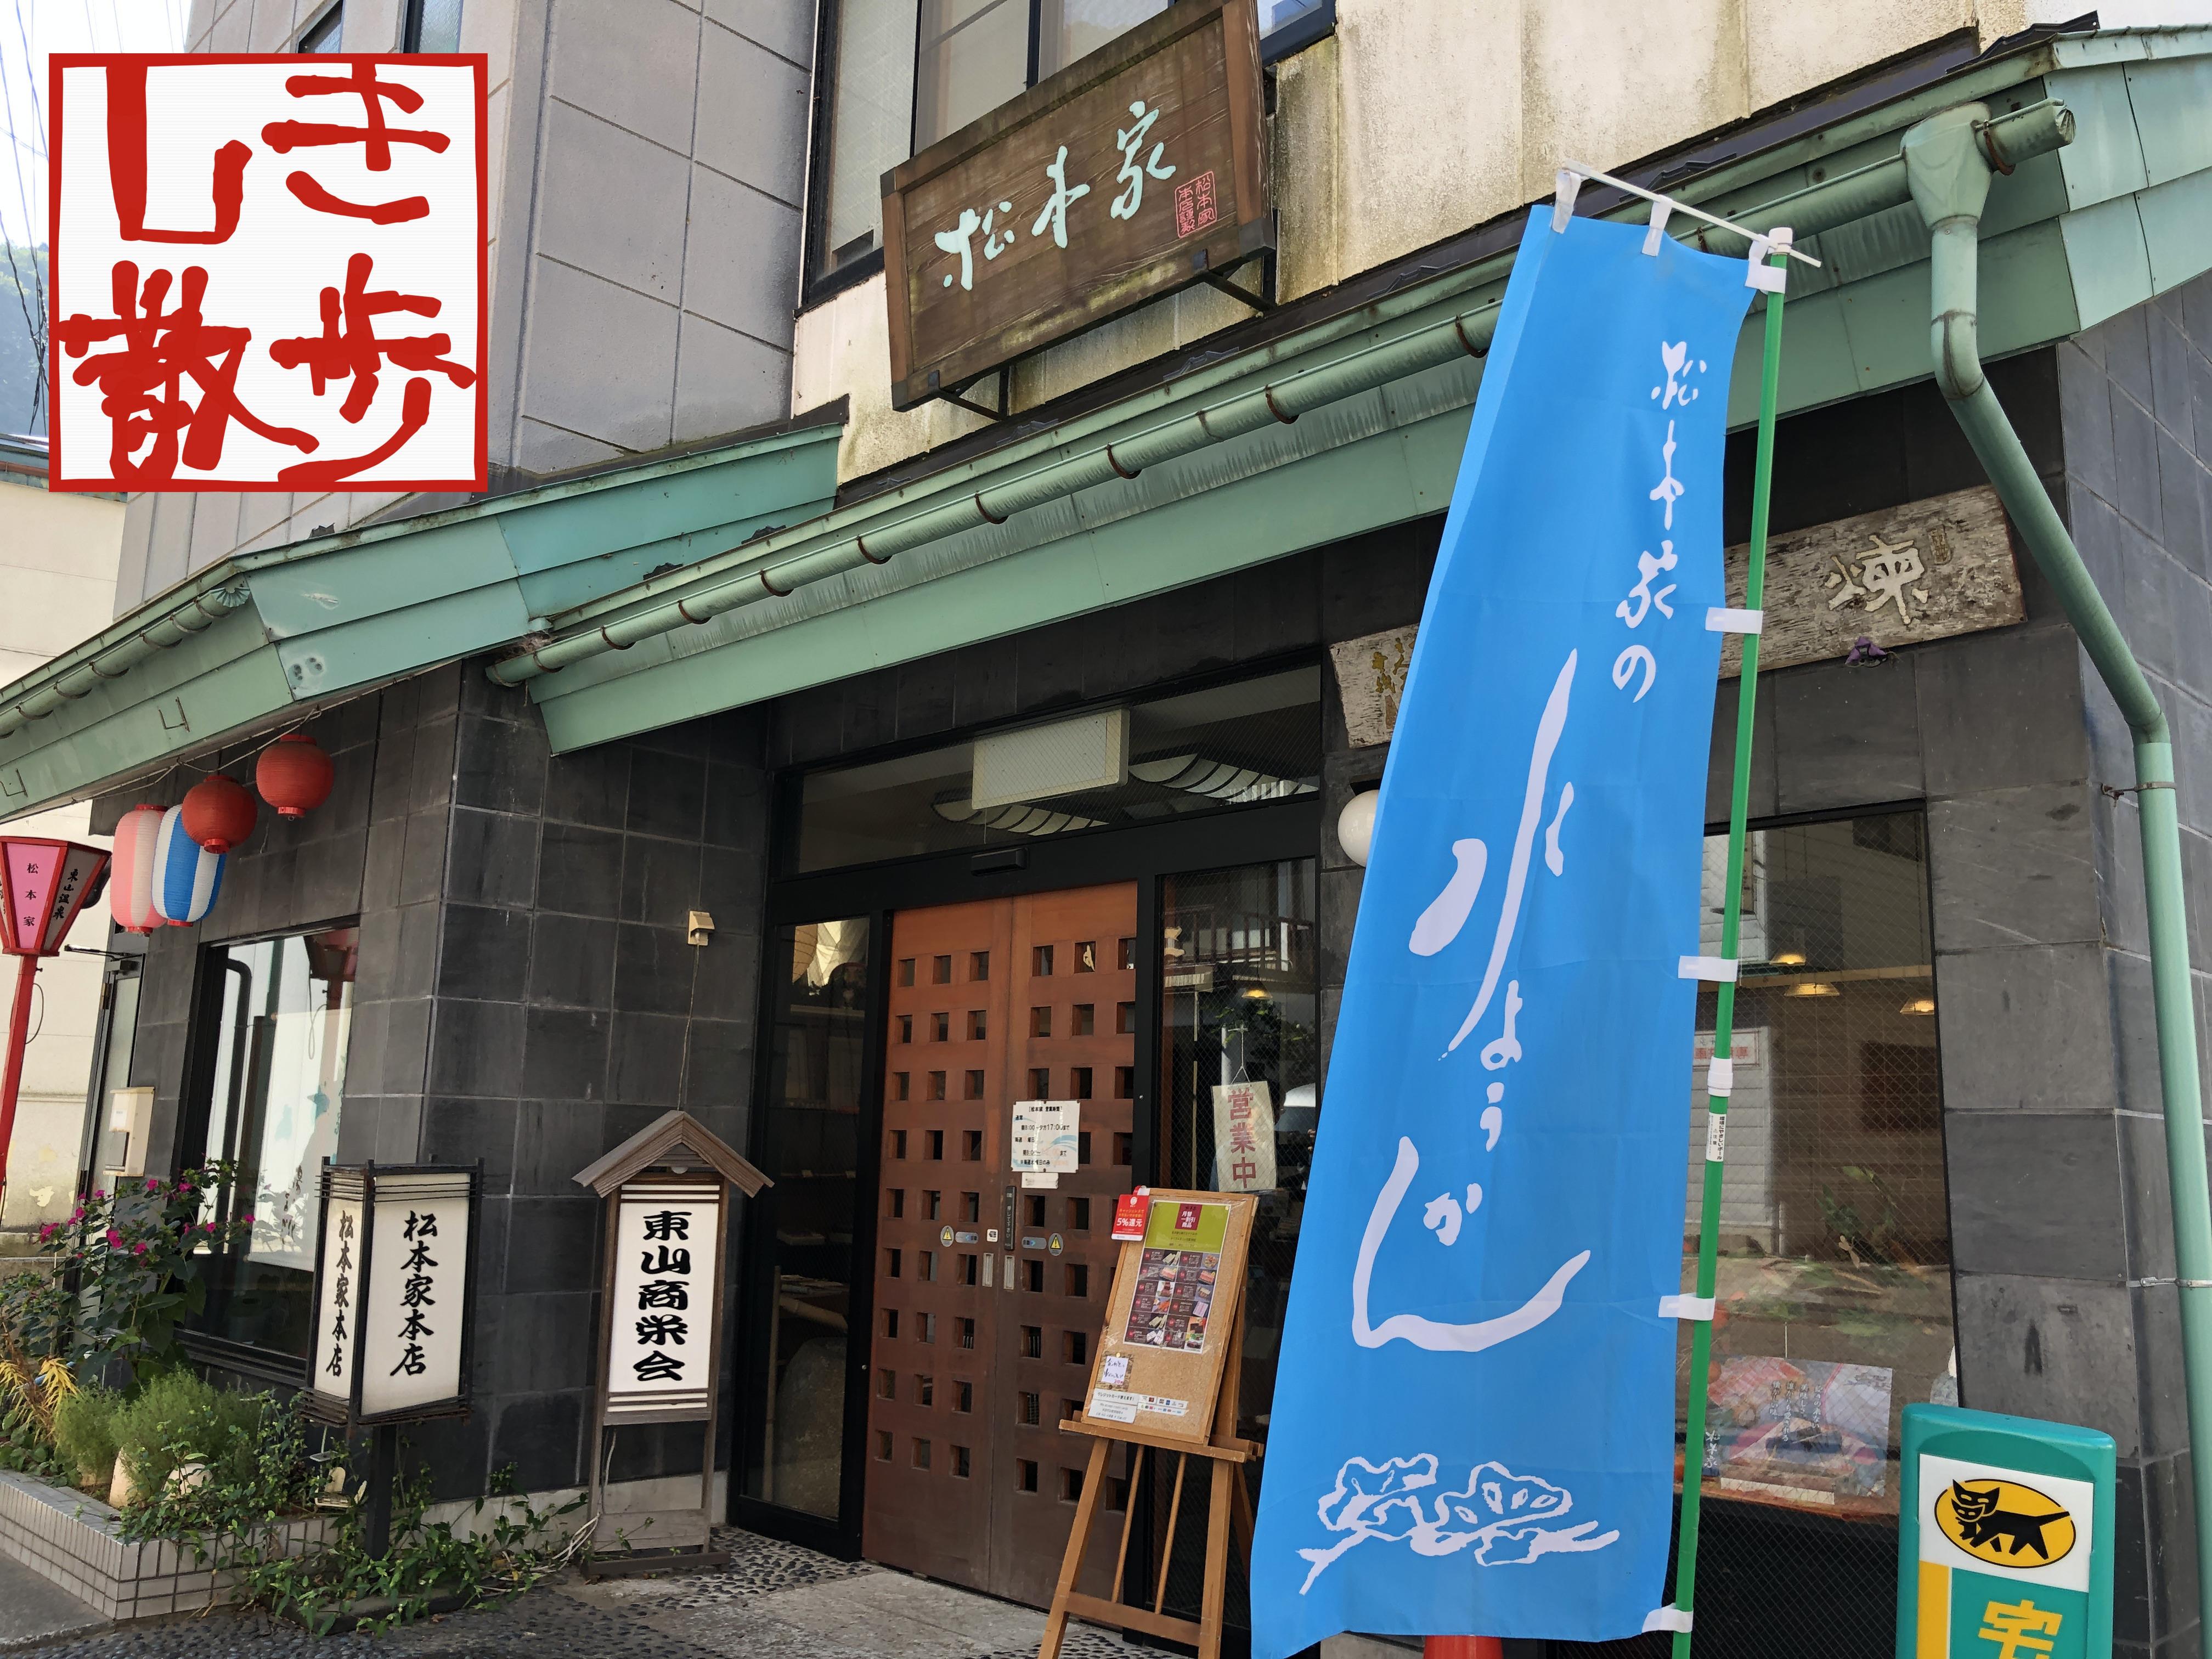 水ようかんがうまい!「松本家」に行ってきた。